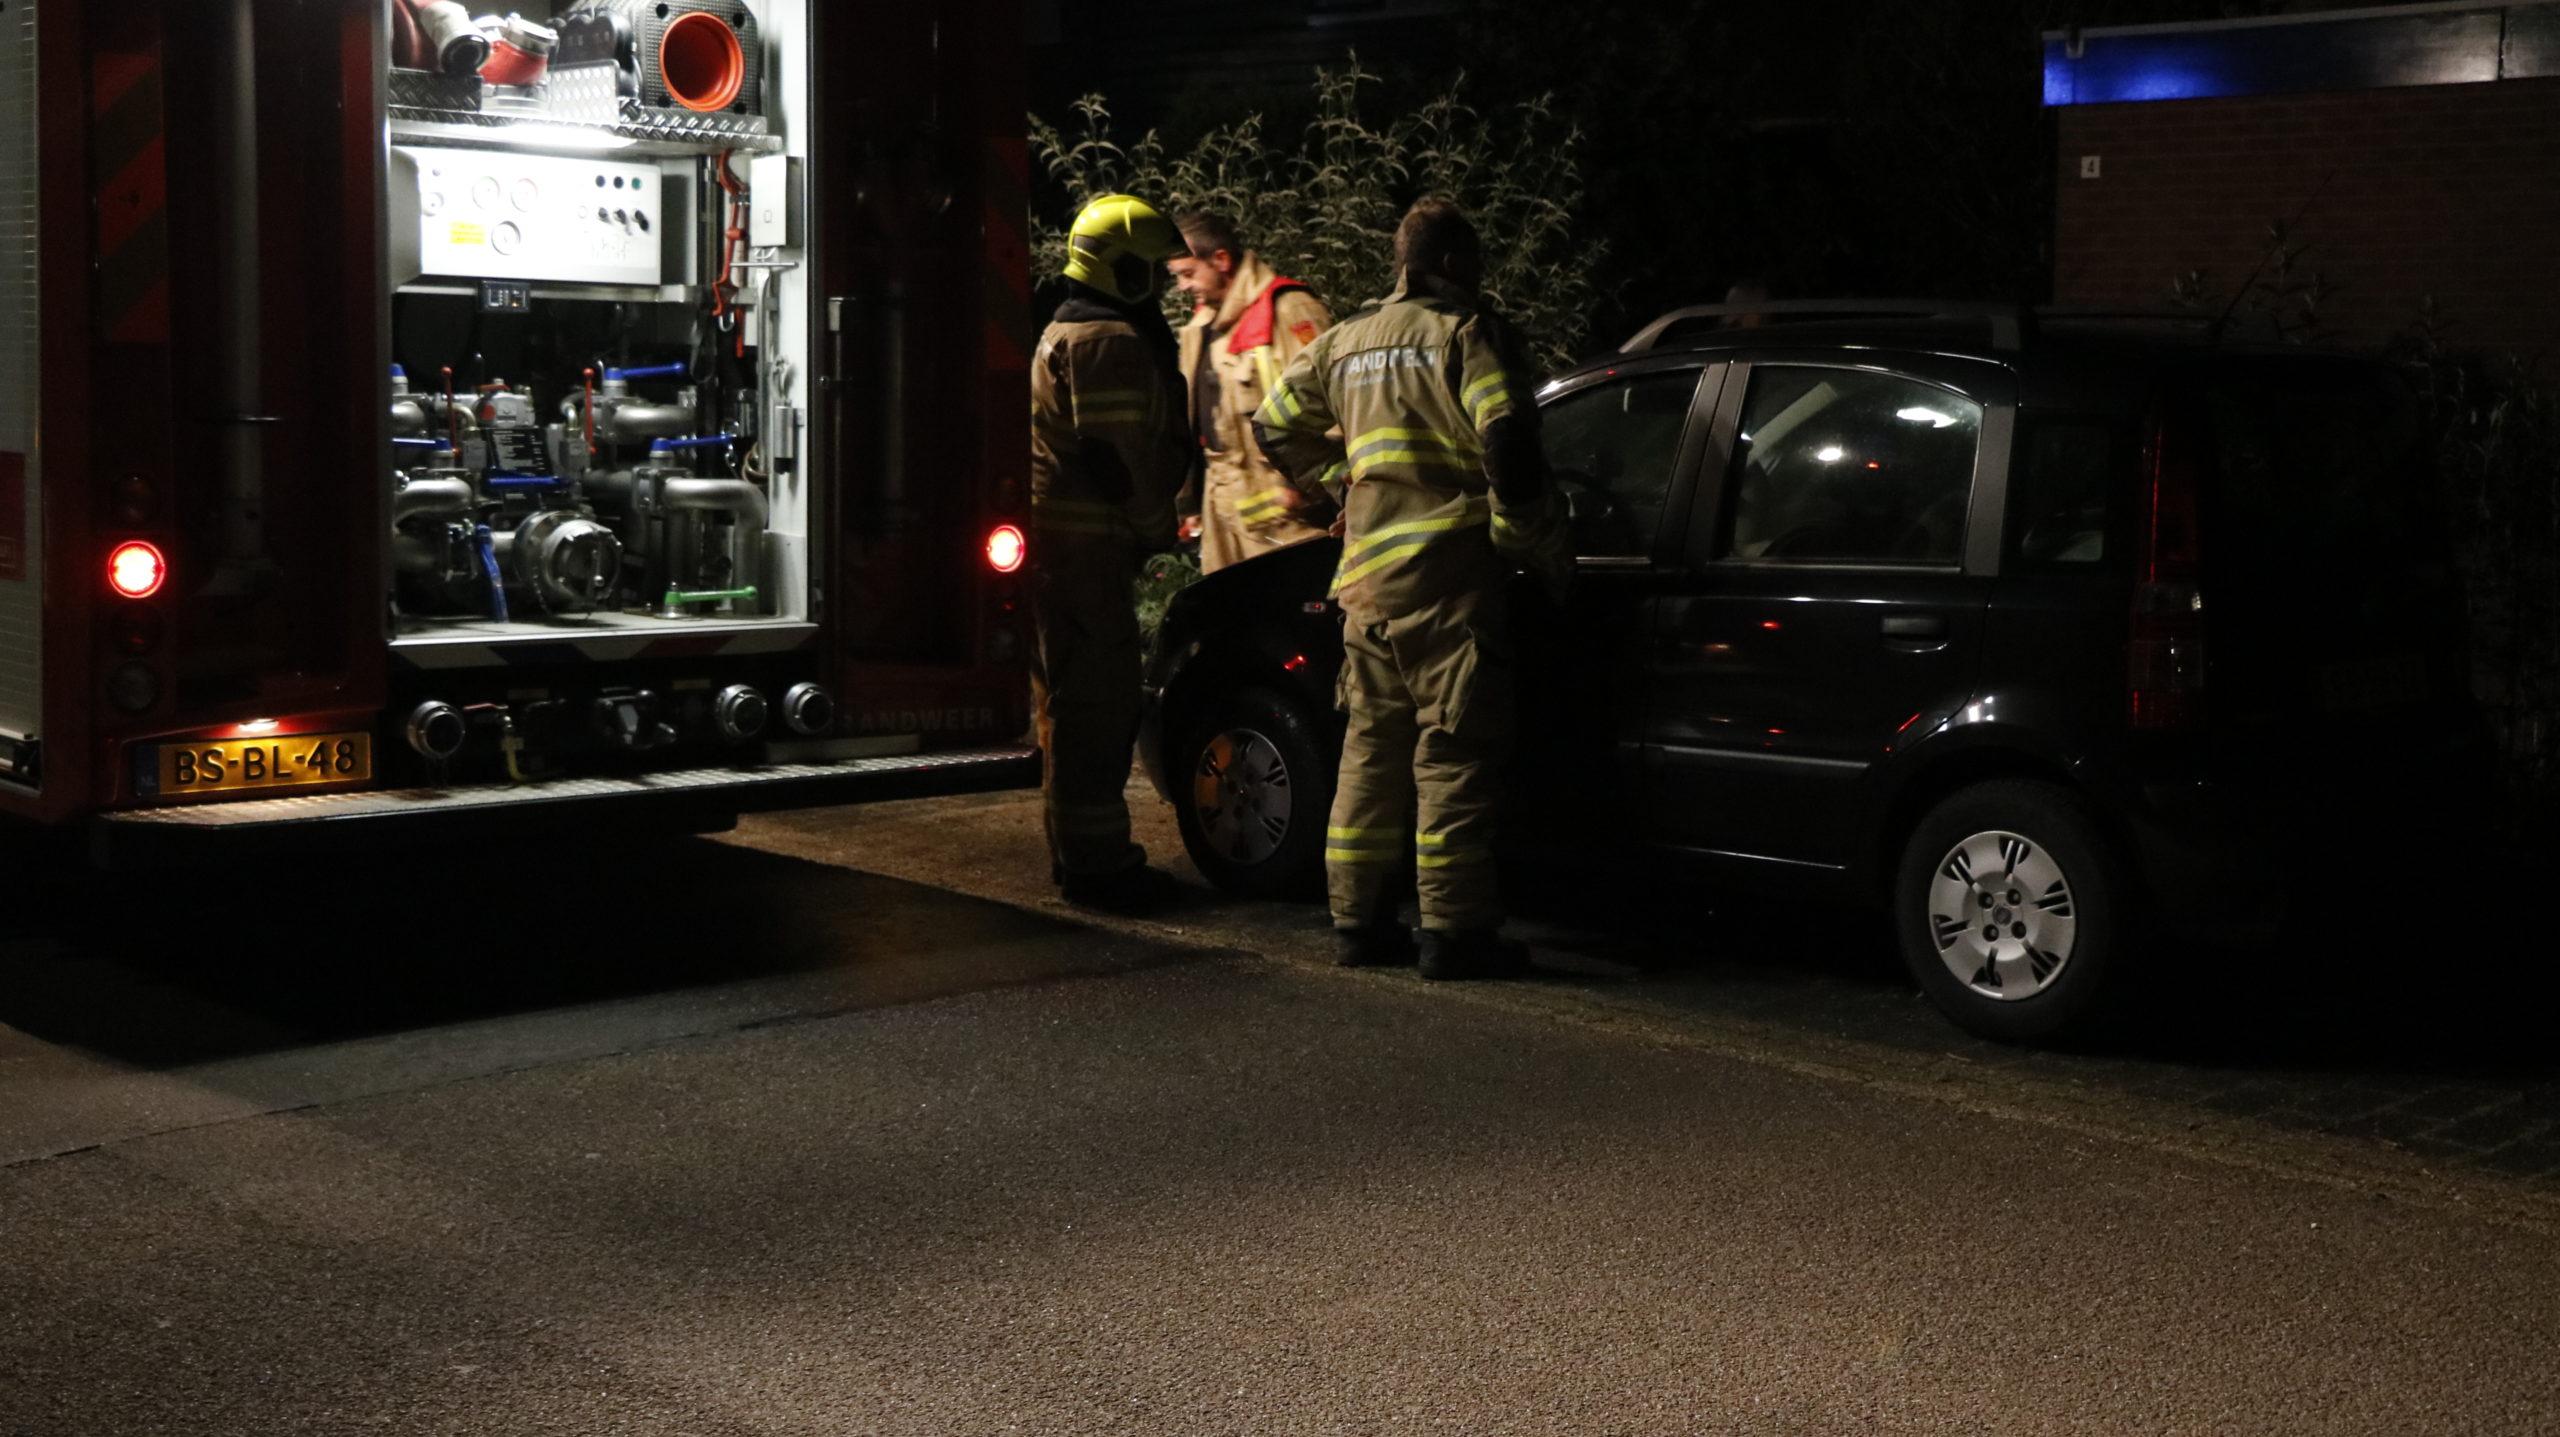 Beginnende autobrand geblust door politie.